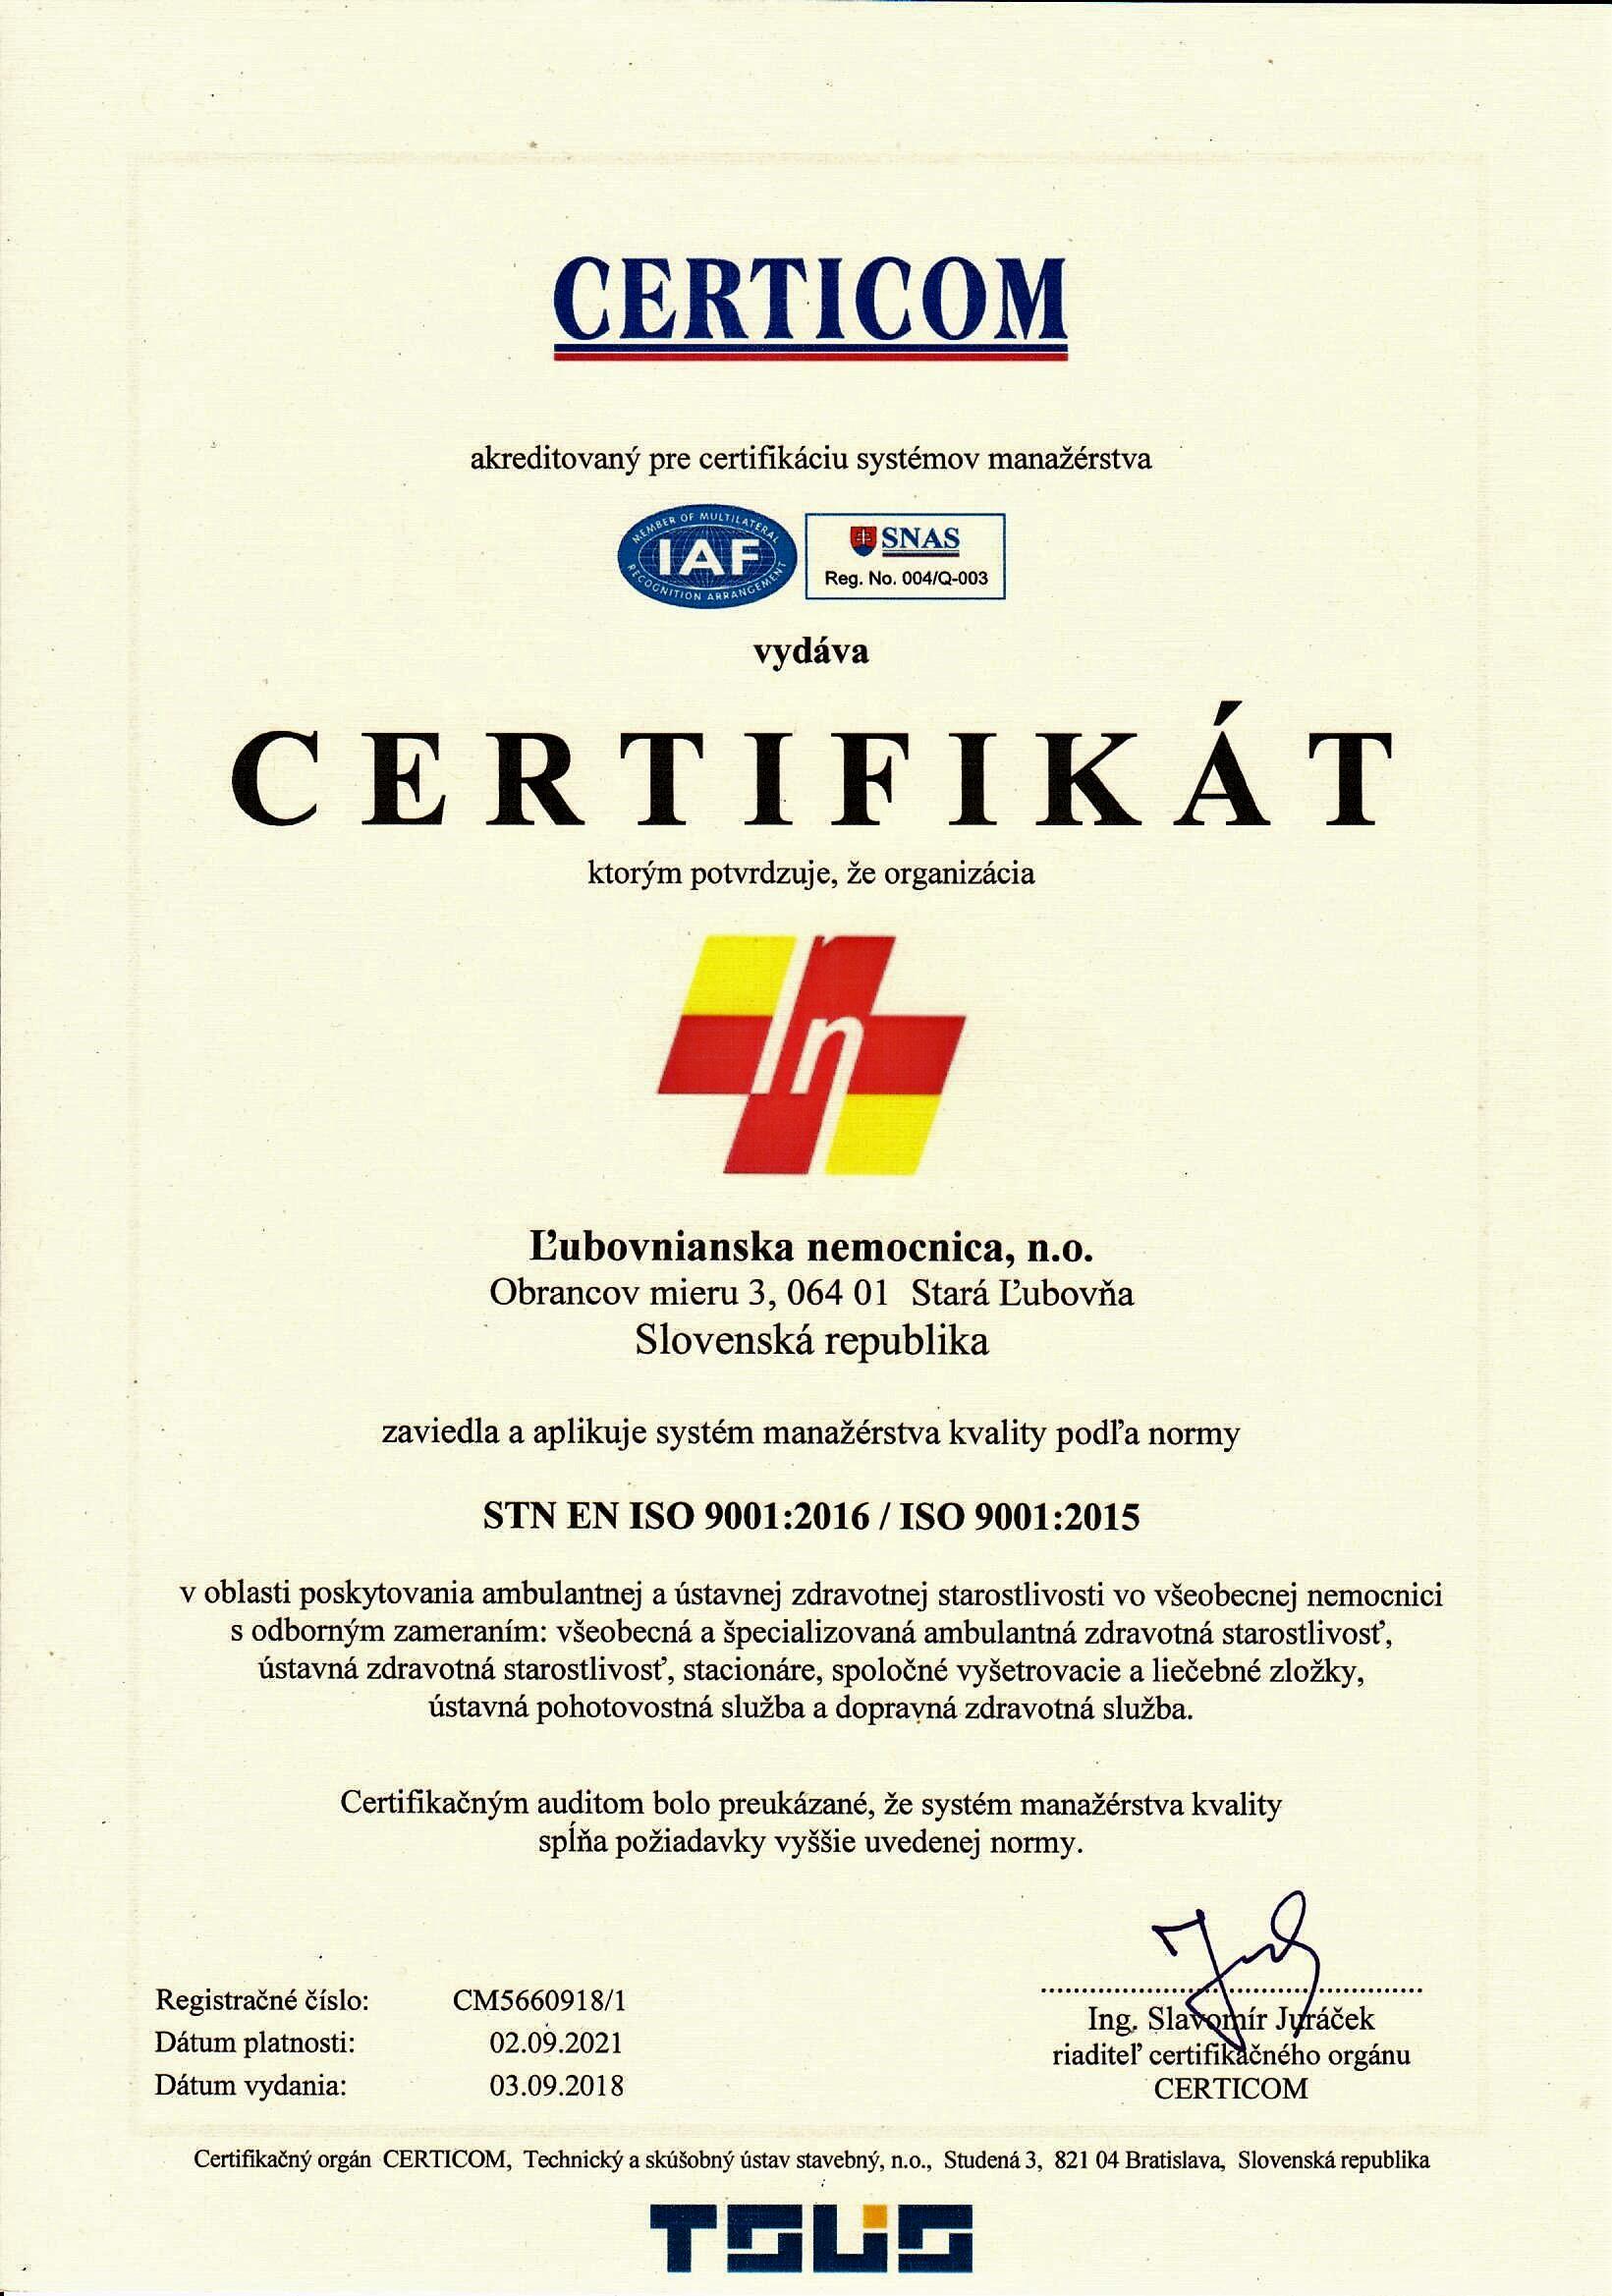 certifikat 2018